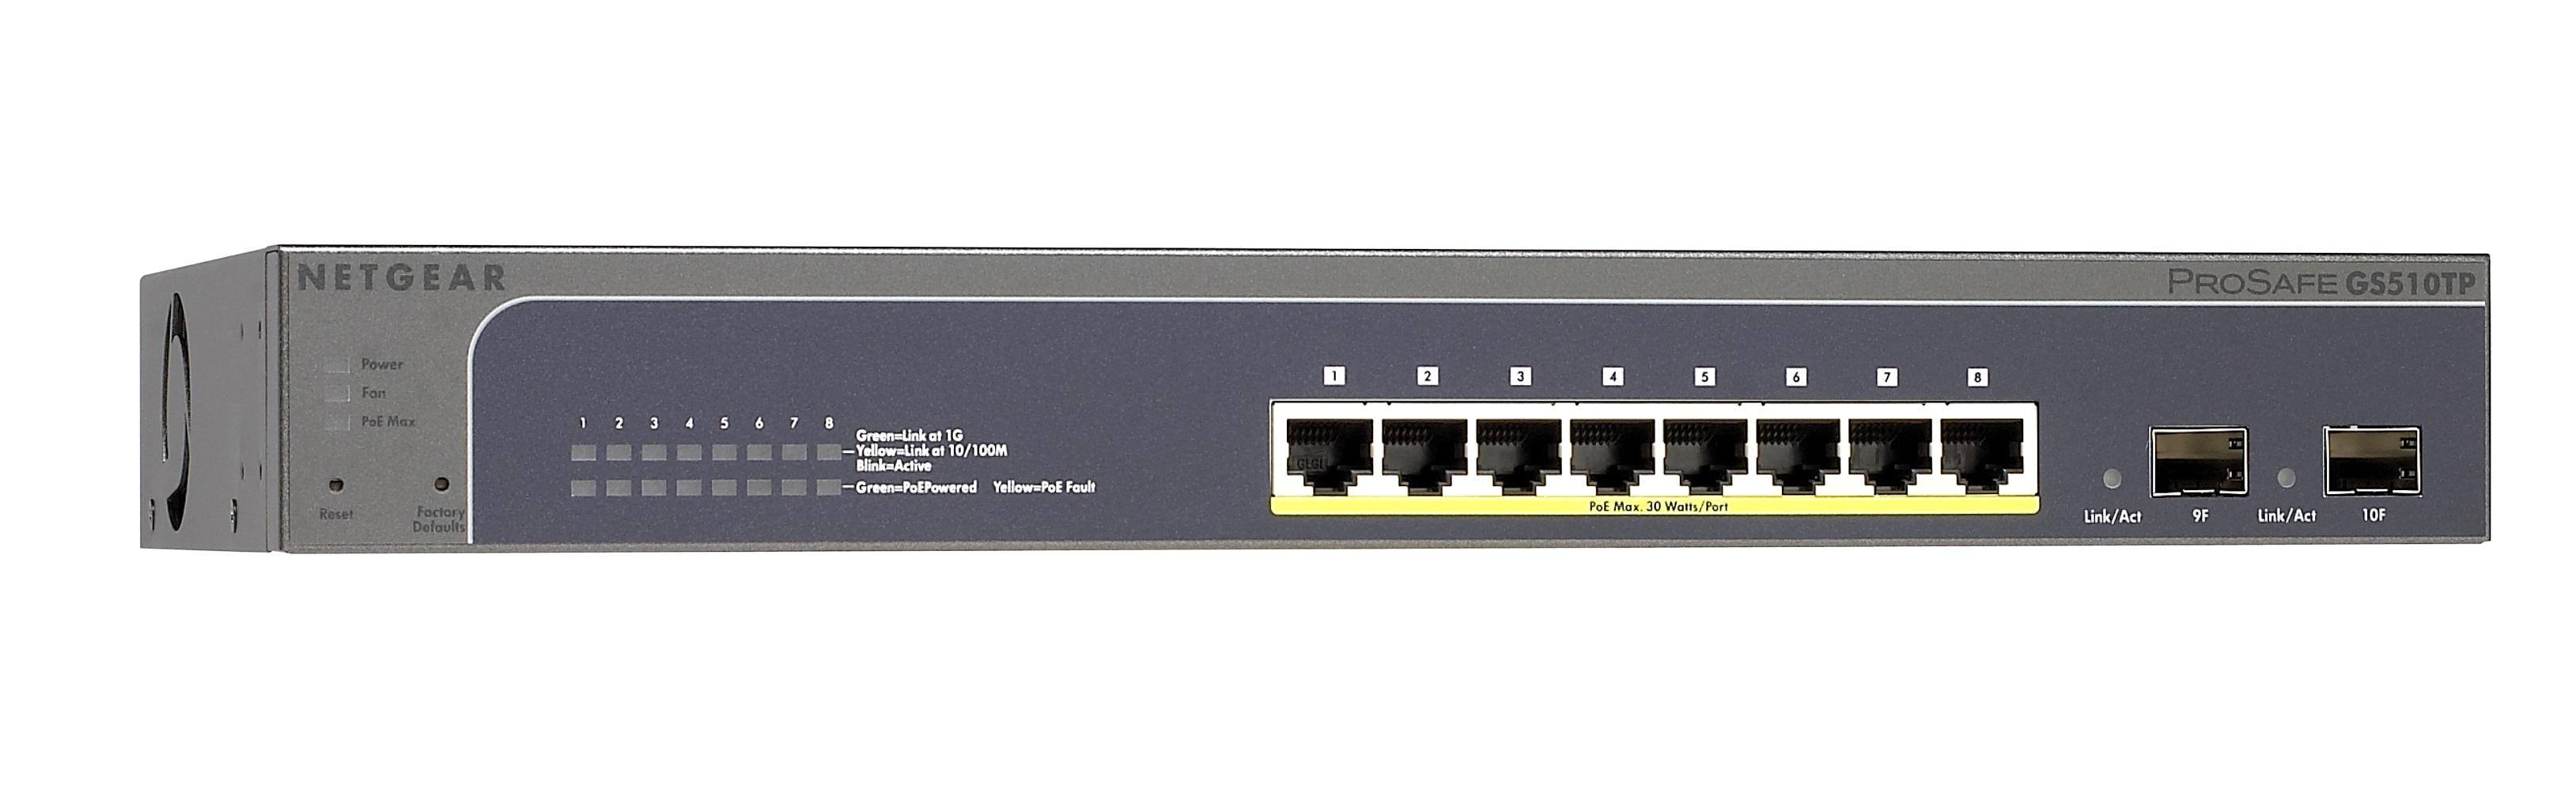 NETGEAR 8xGb PoE Smart Switch,130W, GS510TP